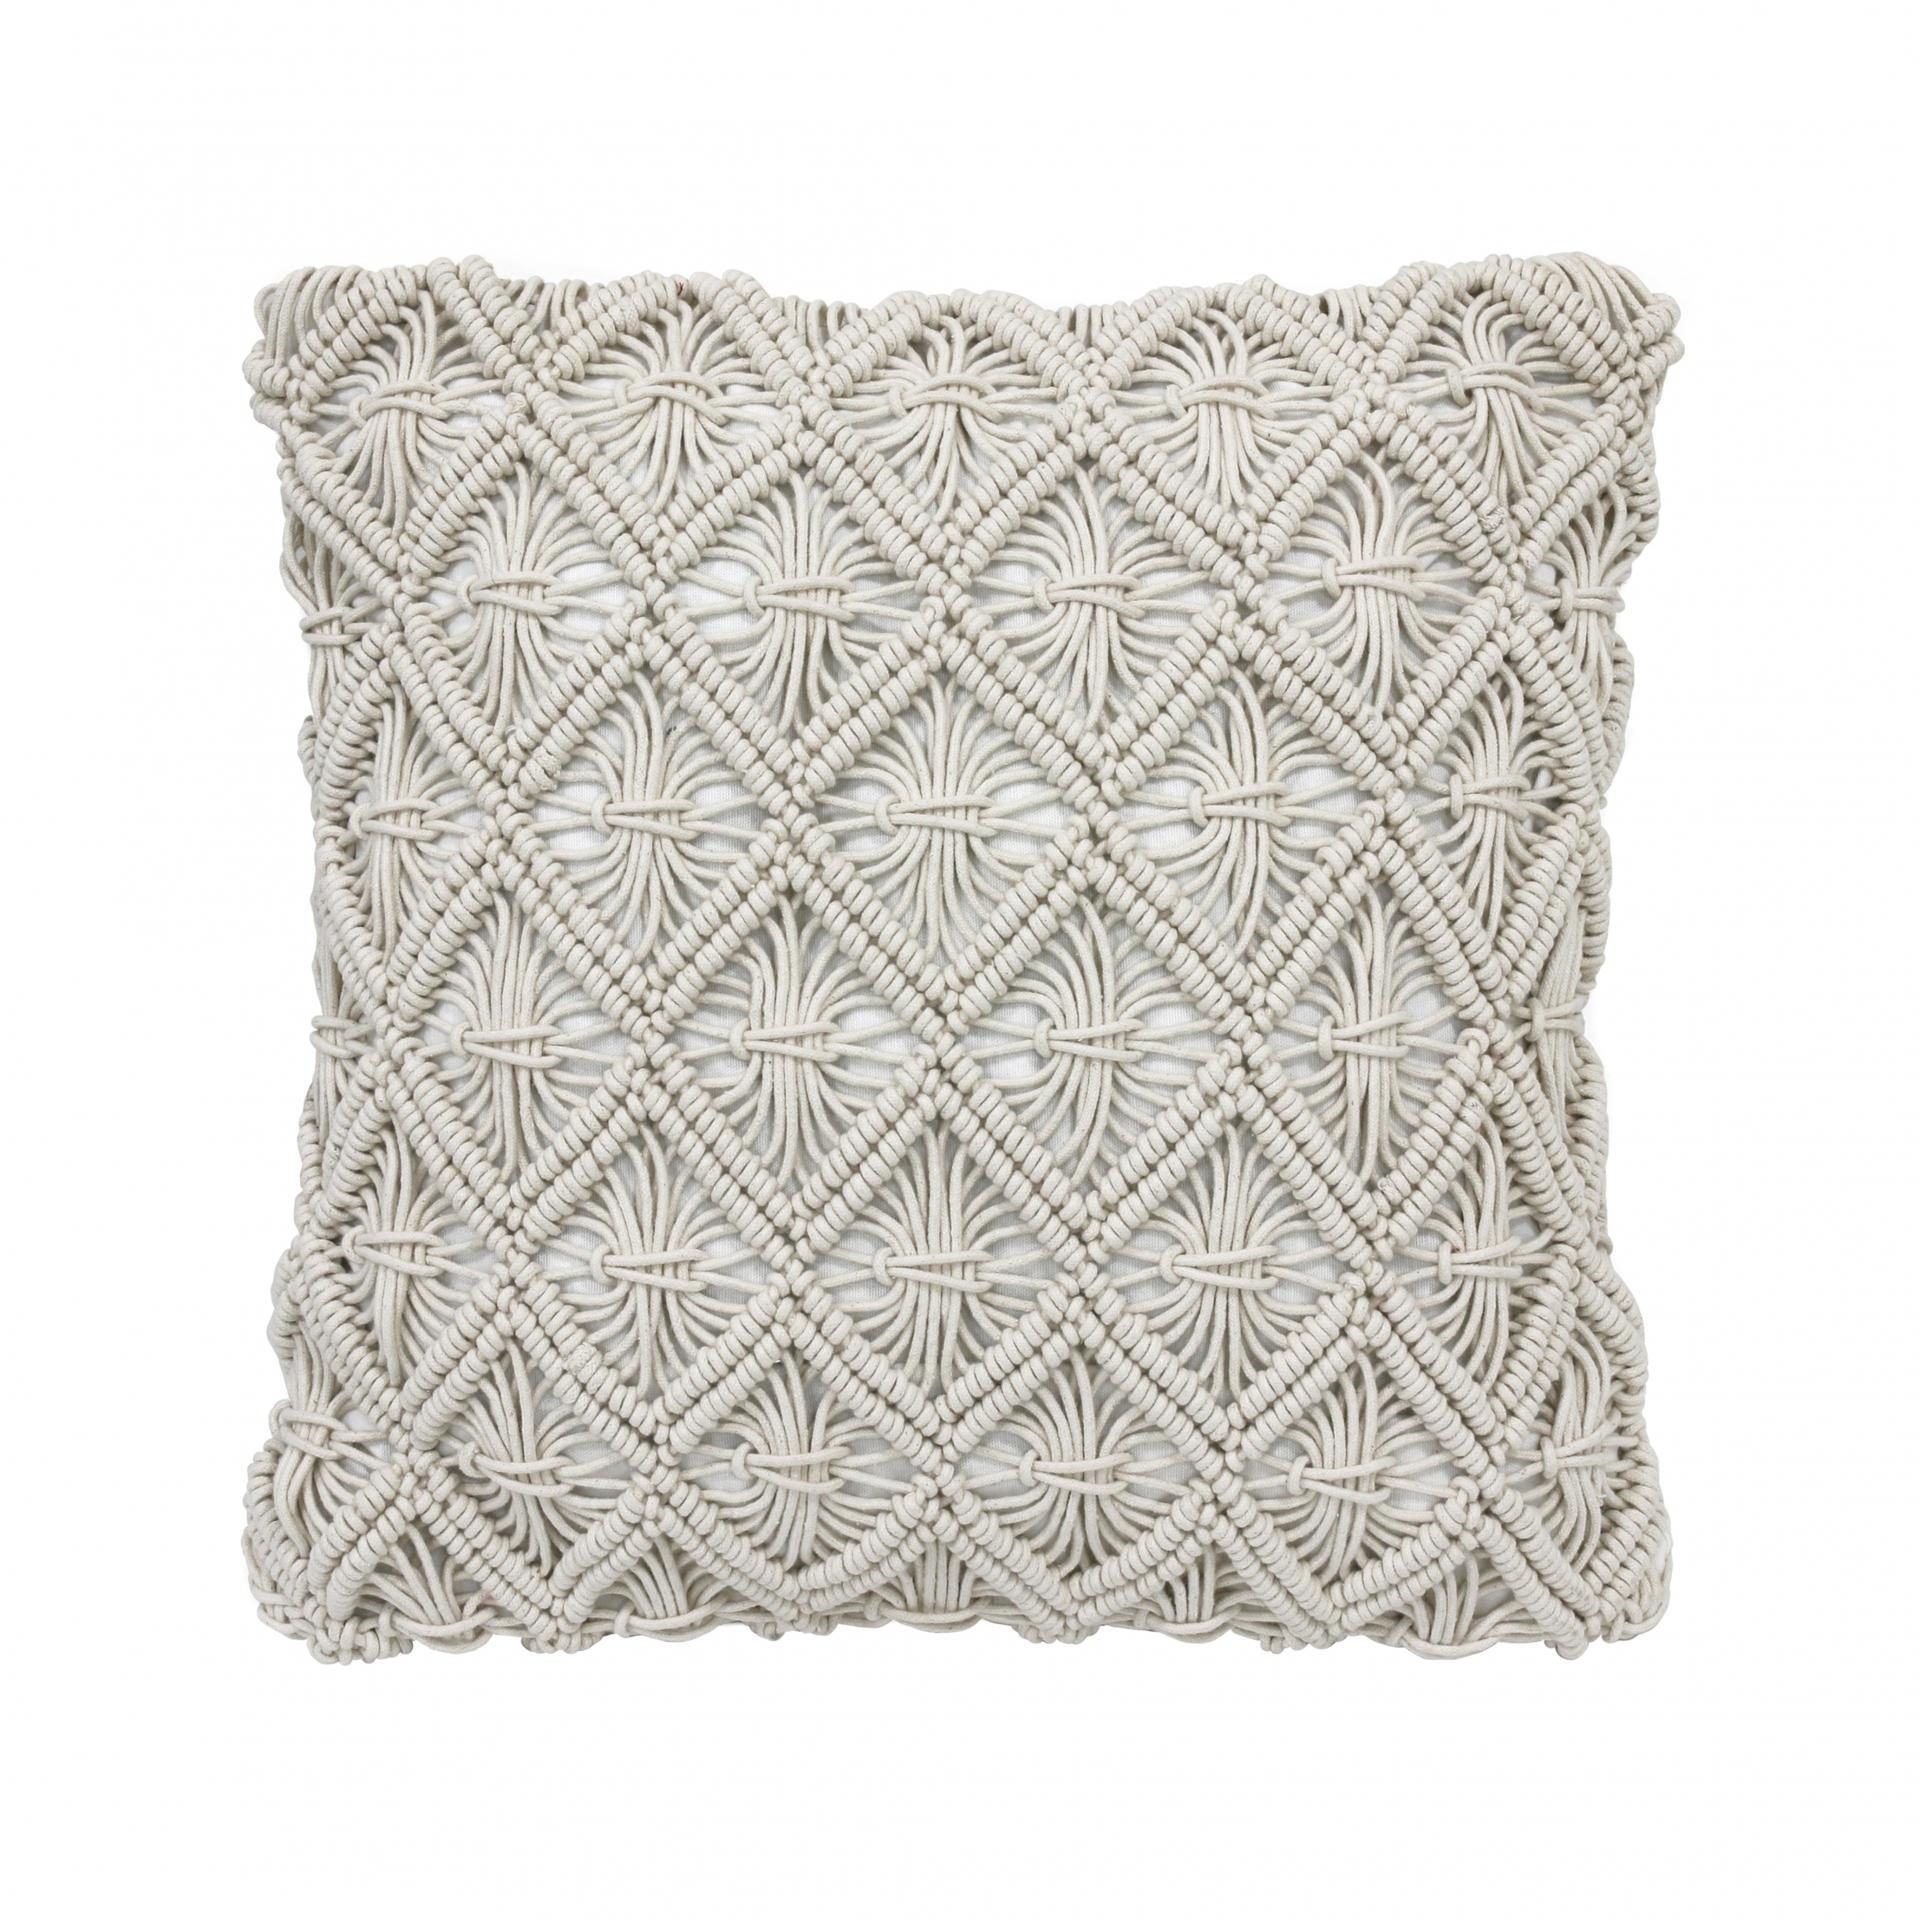 HK living Bavlněný polštář Macramé Natural, béžová barva, textil